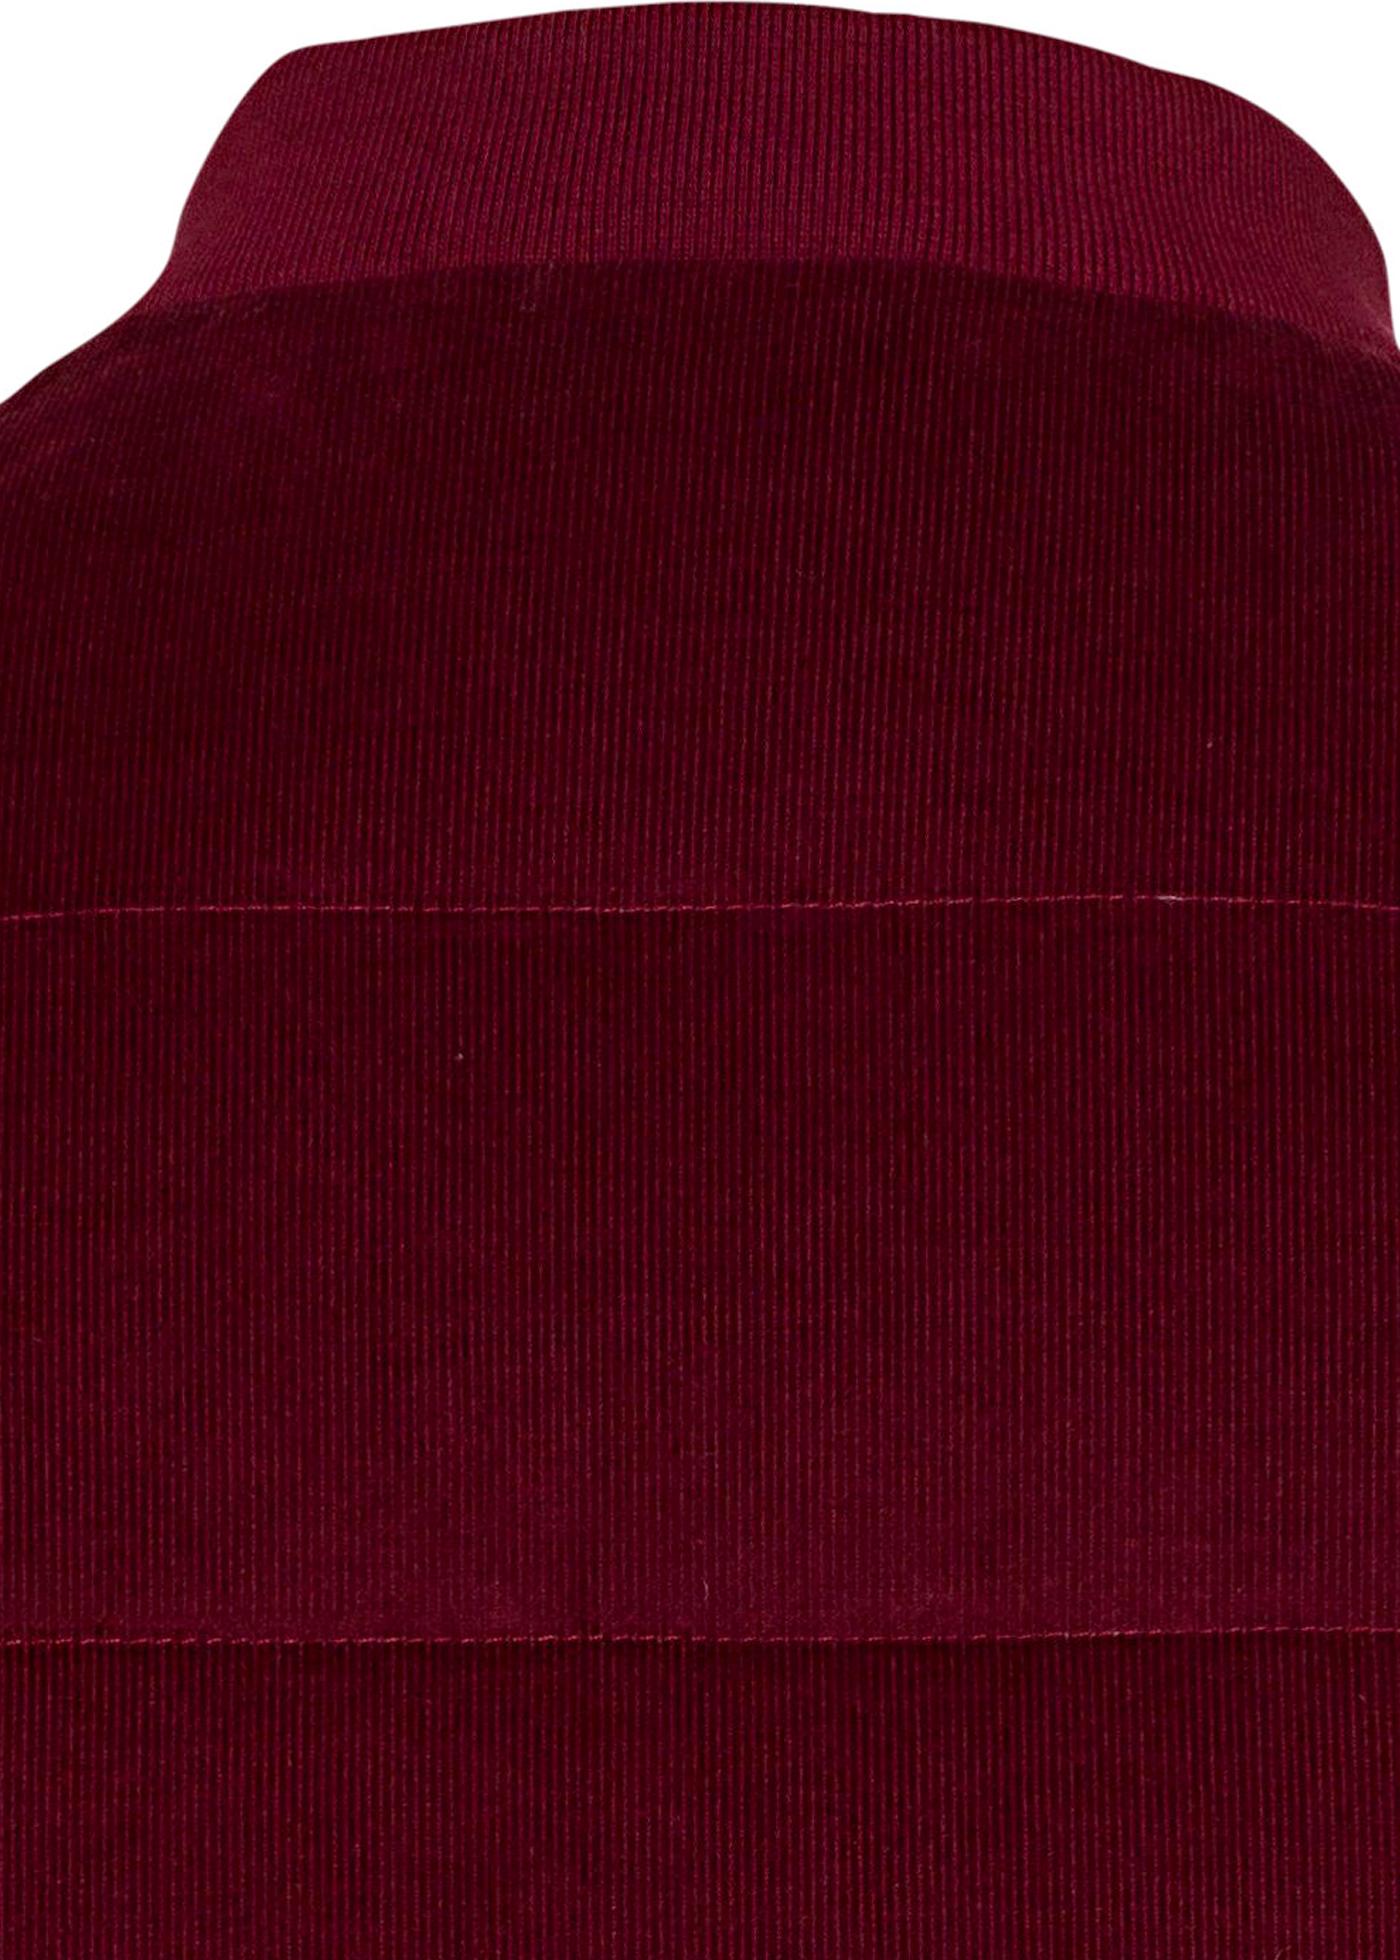 Quilt Baseb Cord Vest image number 3